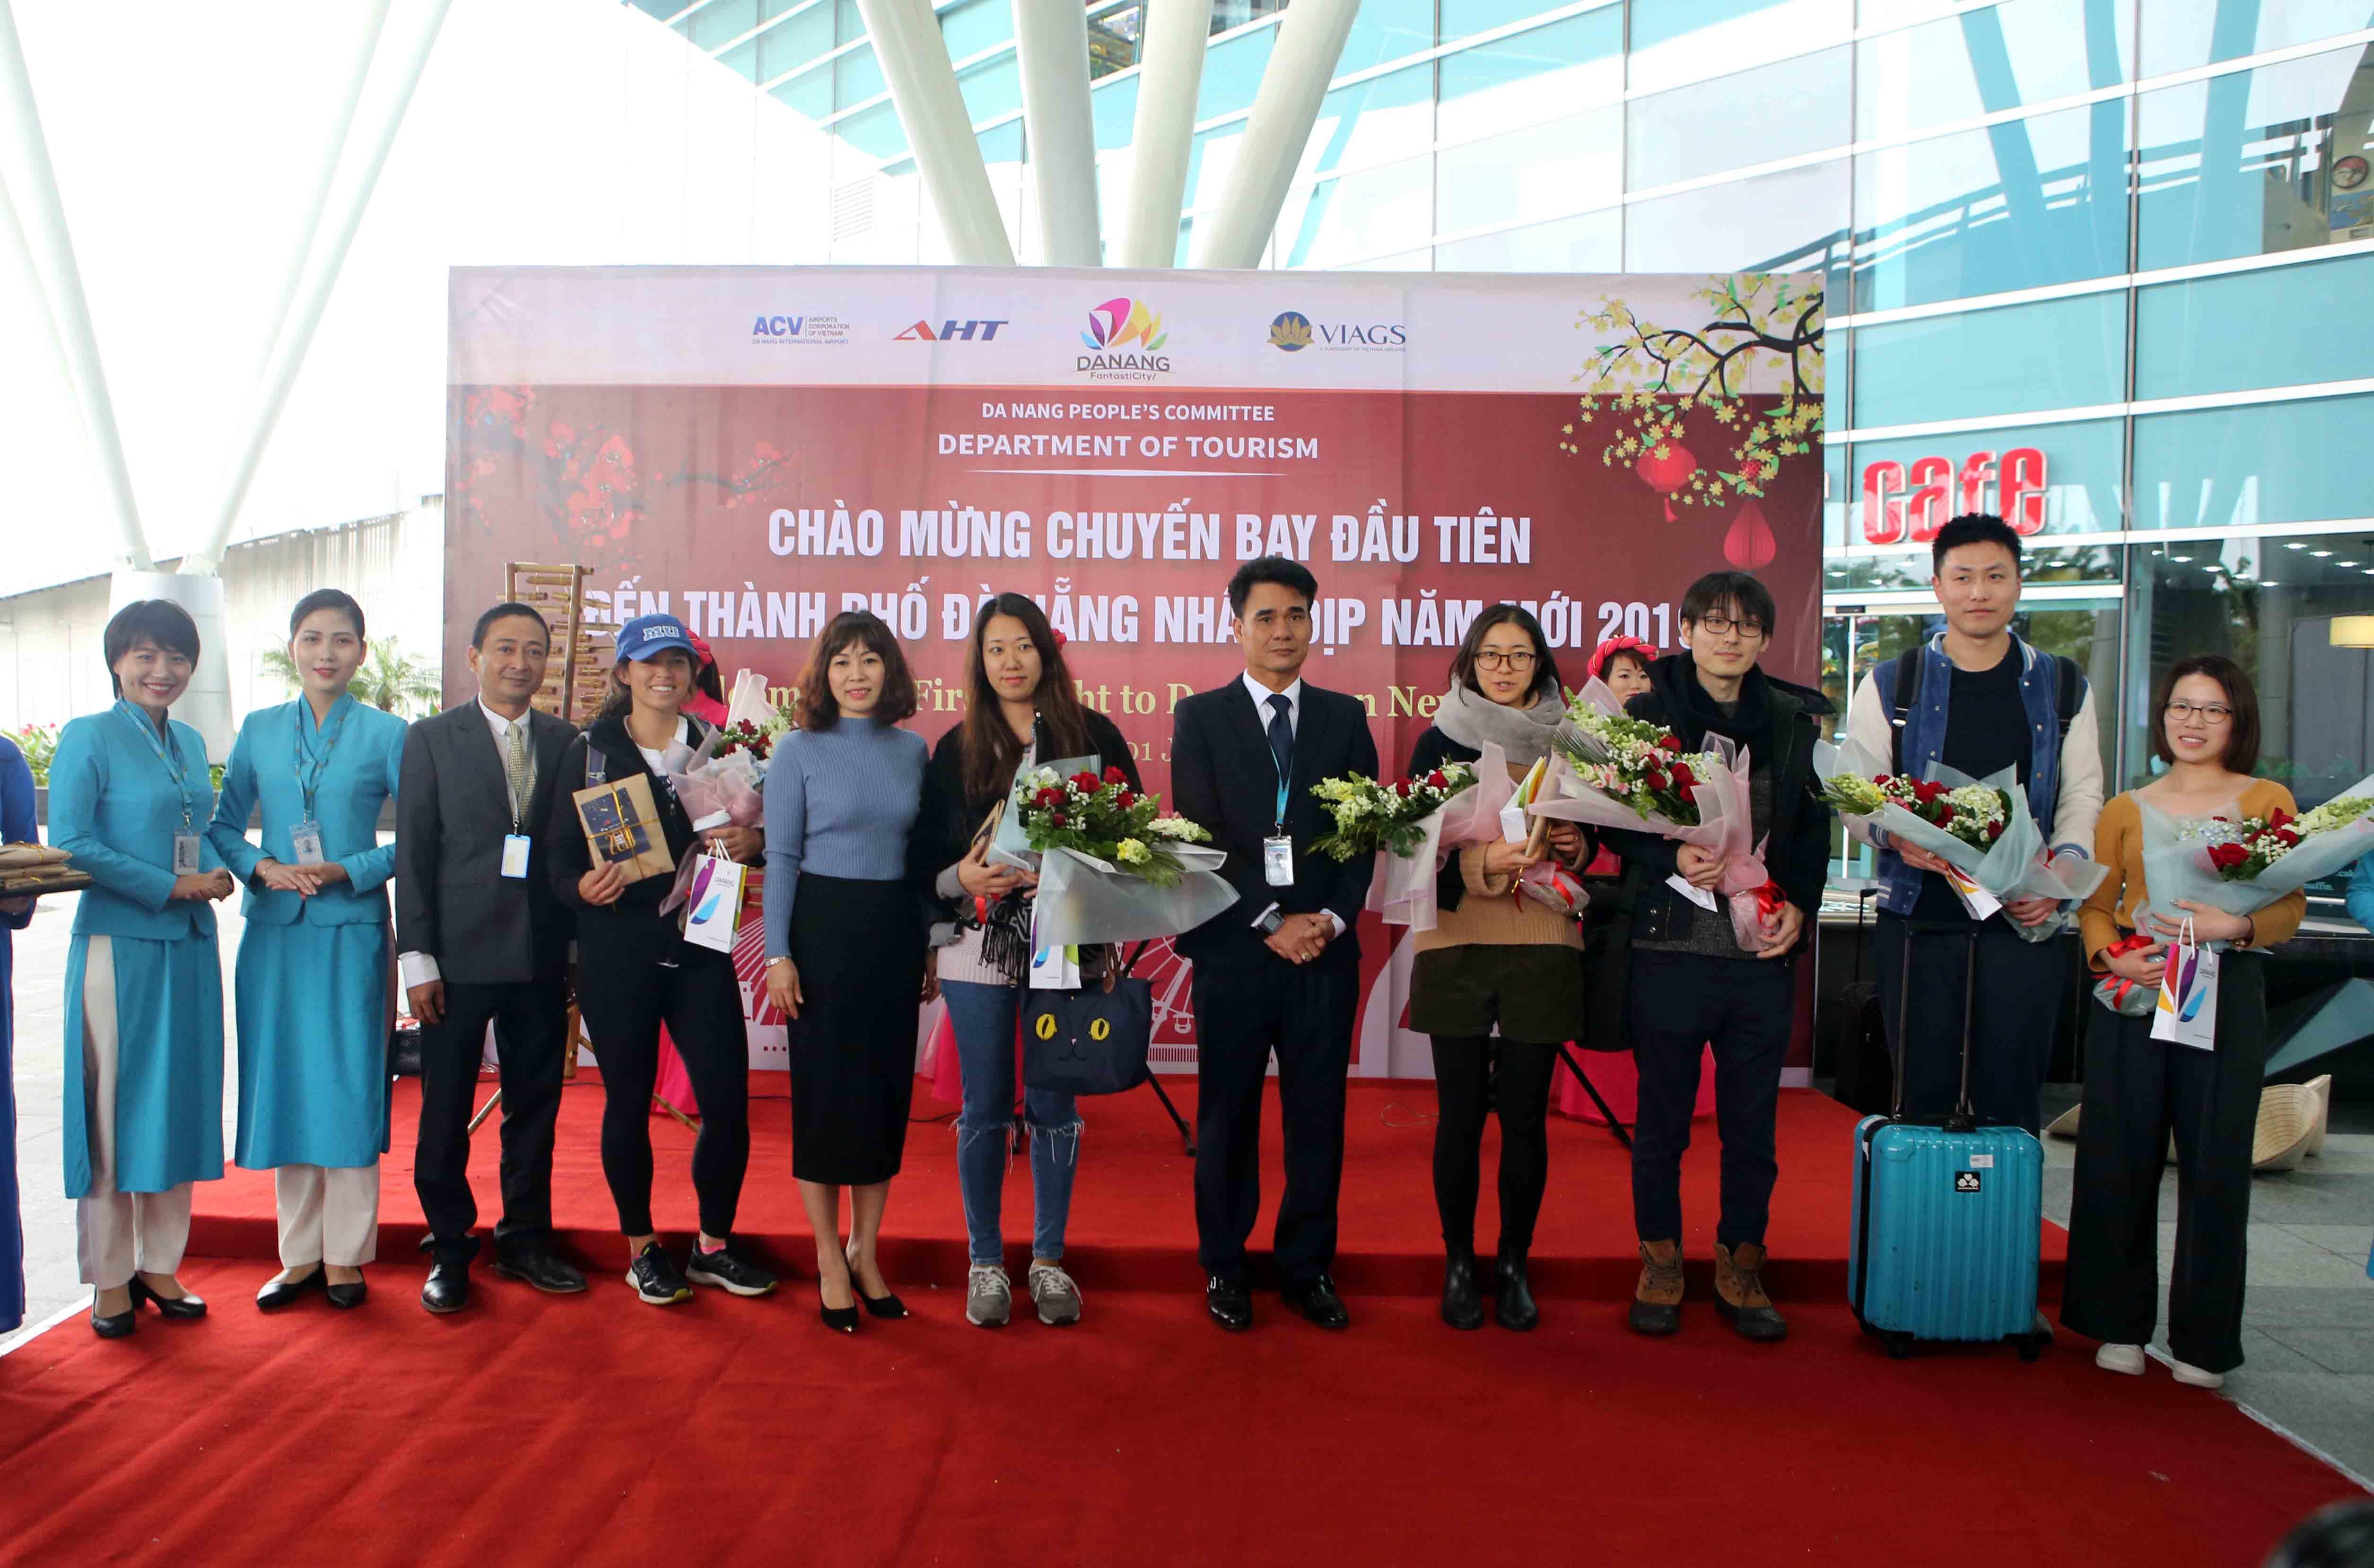 Lãnh đạo Sở Du lịch Đà Nẵng đón khách du lịch tại sân bay Đà Nẵng. Ảnh: X.L